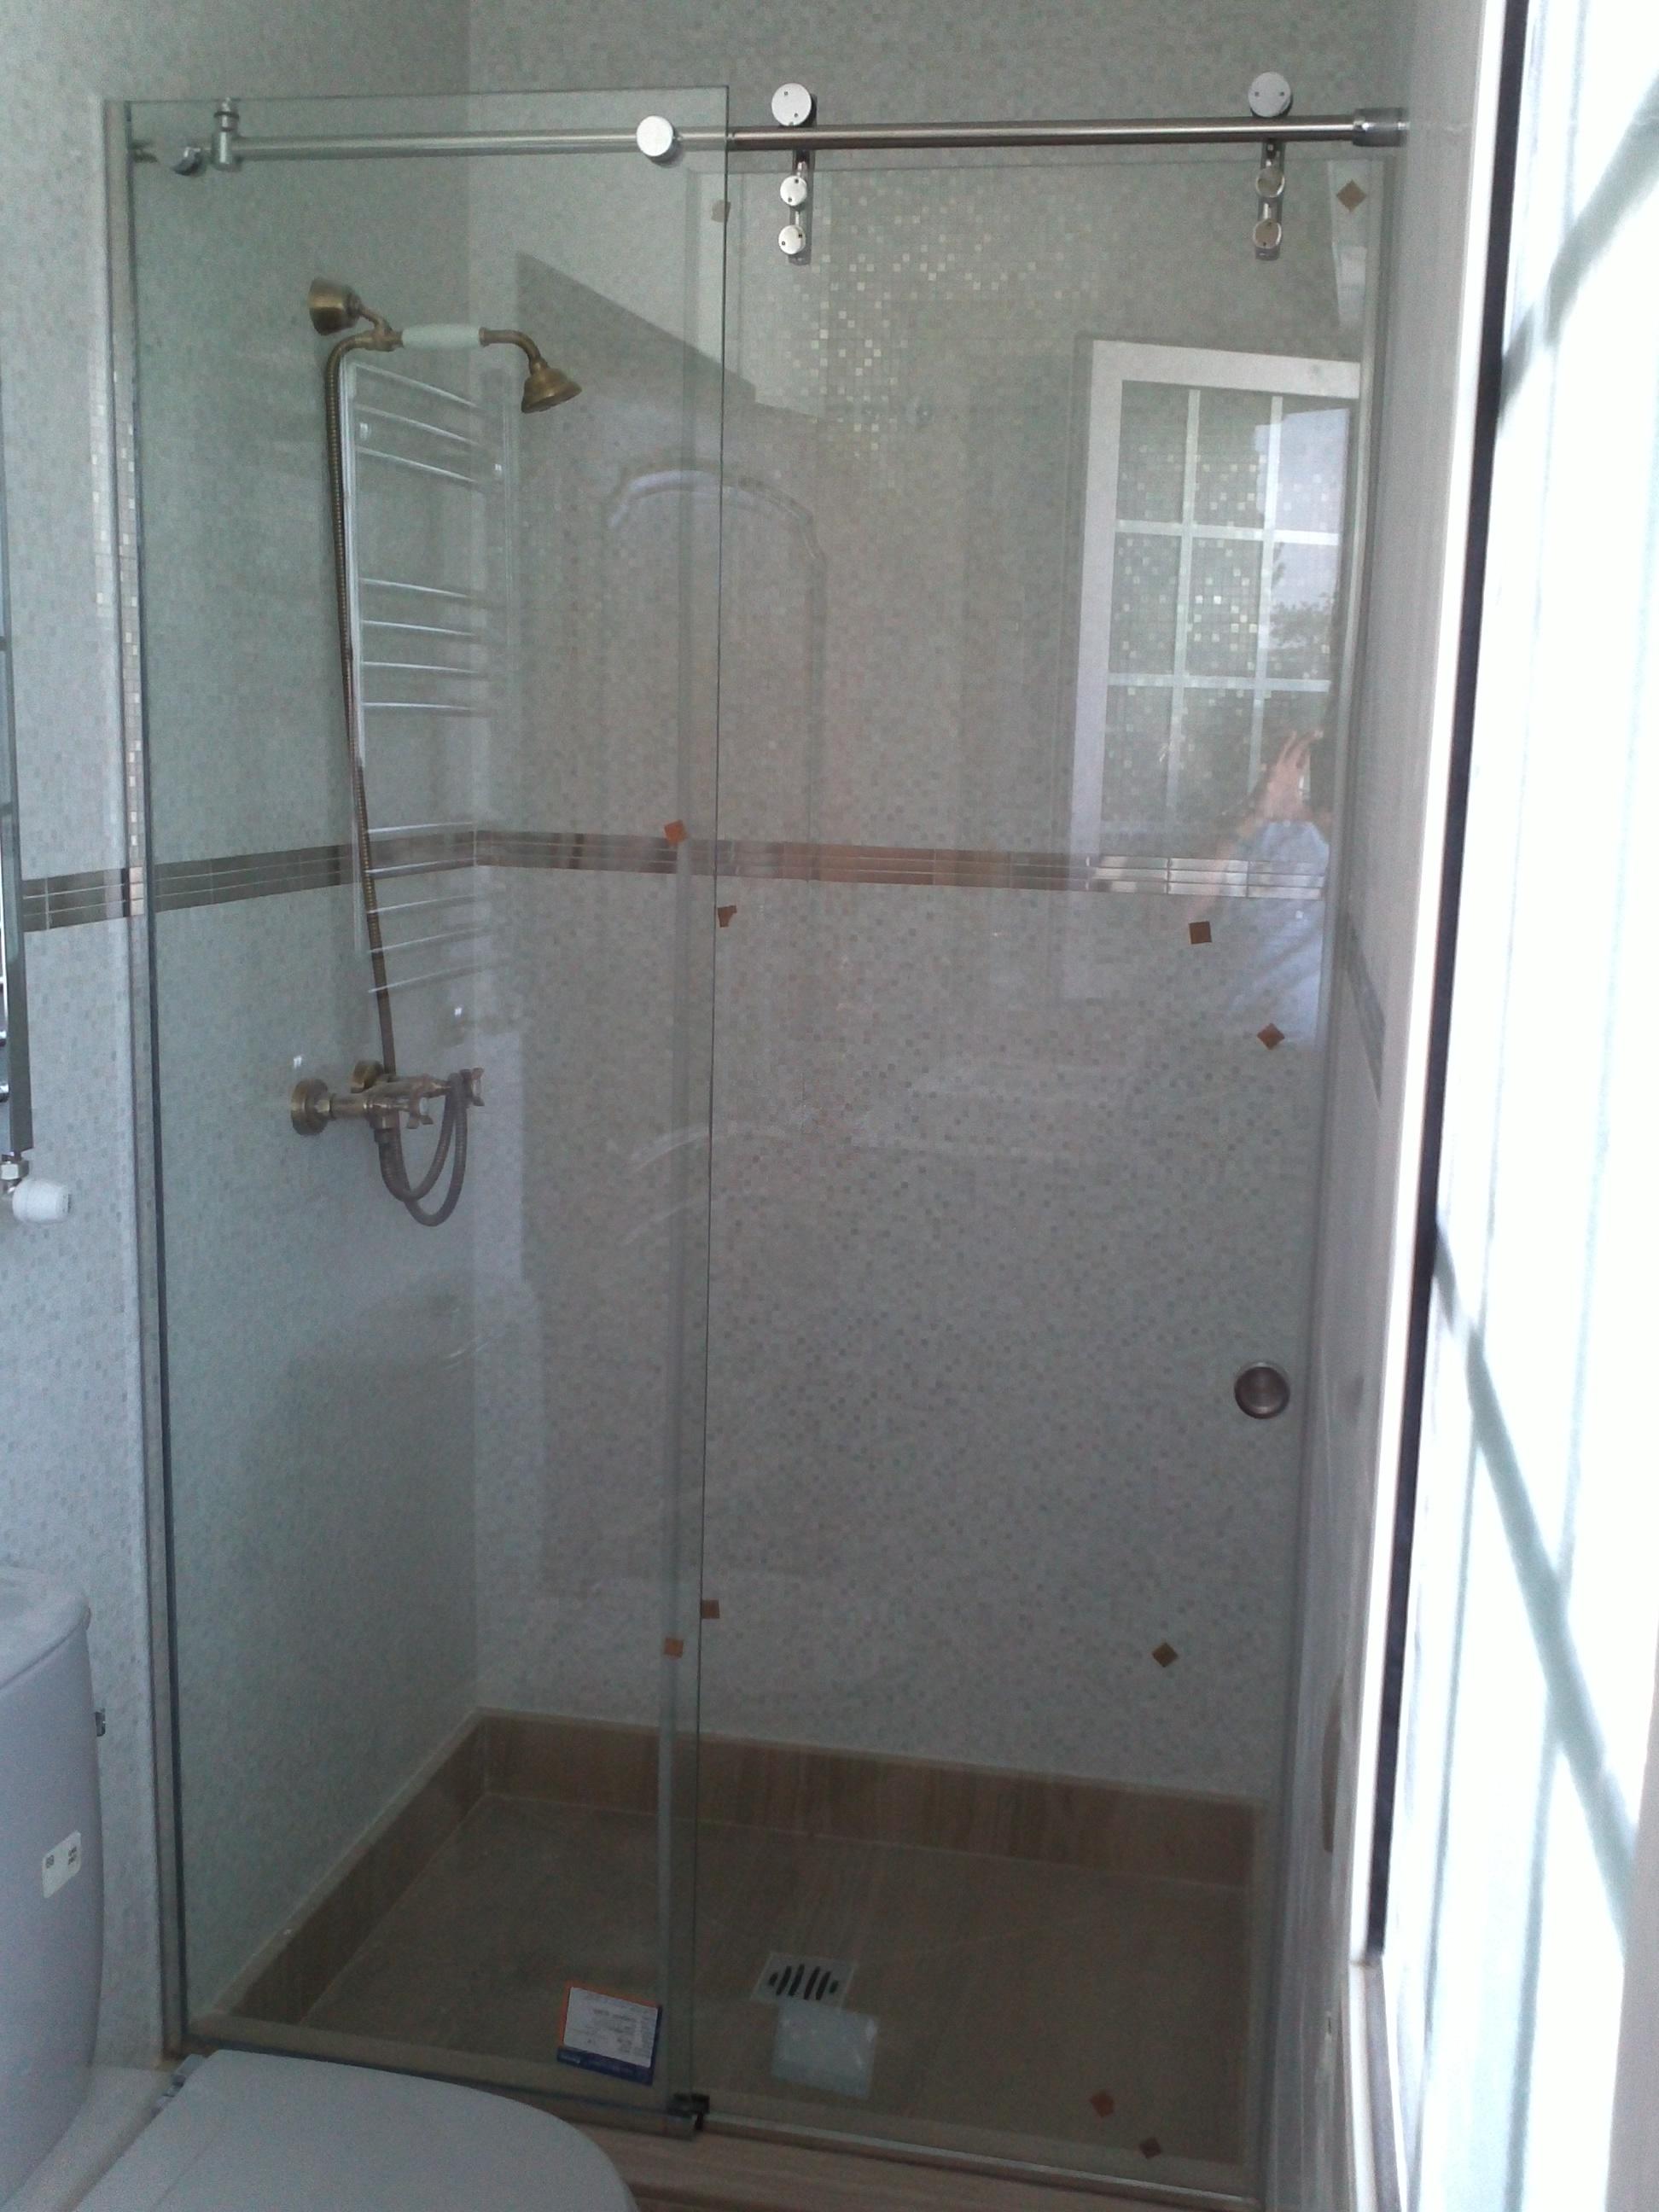 Instalacion y montaje de mamparas correderas de cristal en madrid - Mamparas ducha correderas ...